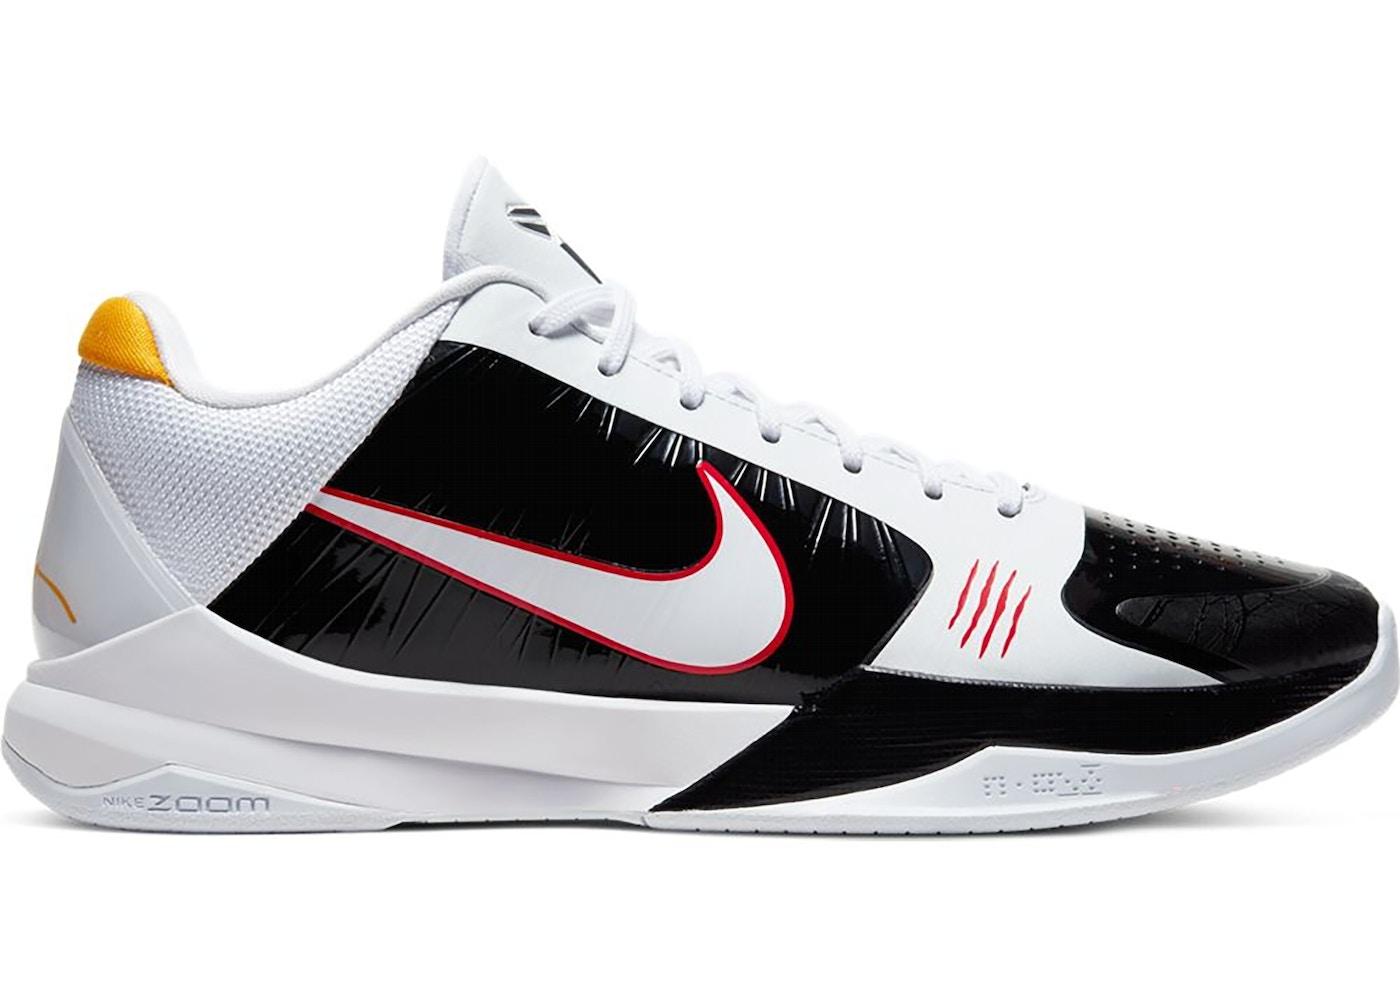 Nike Kobe 5 Protro Bruce Lee Alternate - CD4991-101